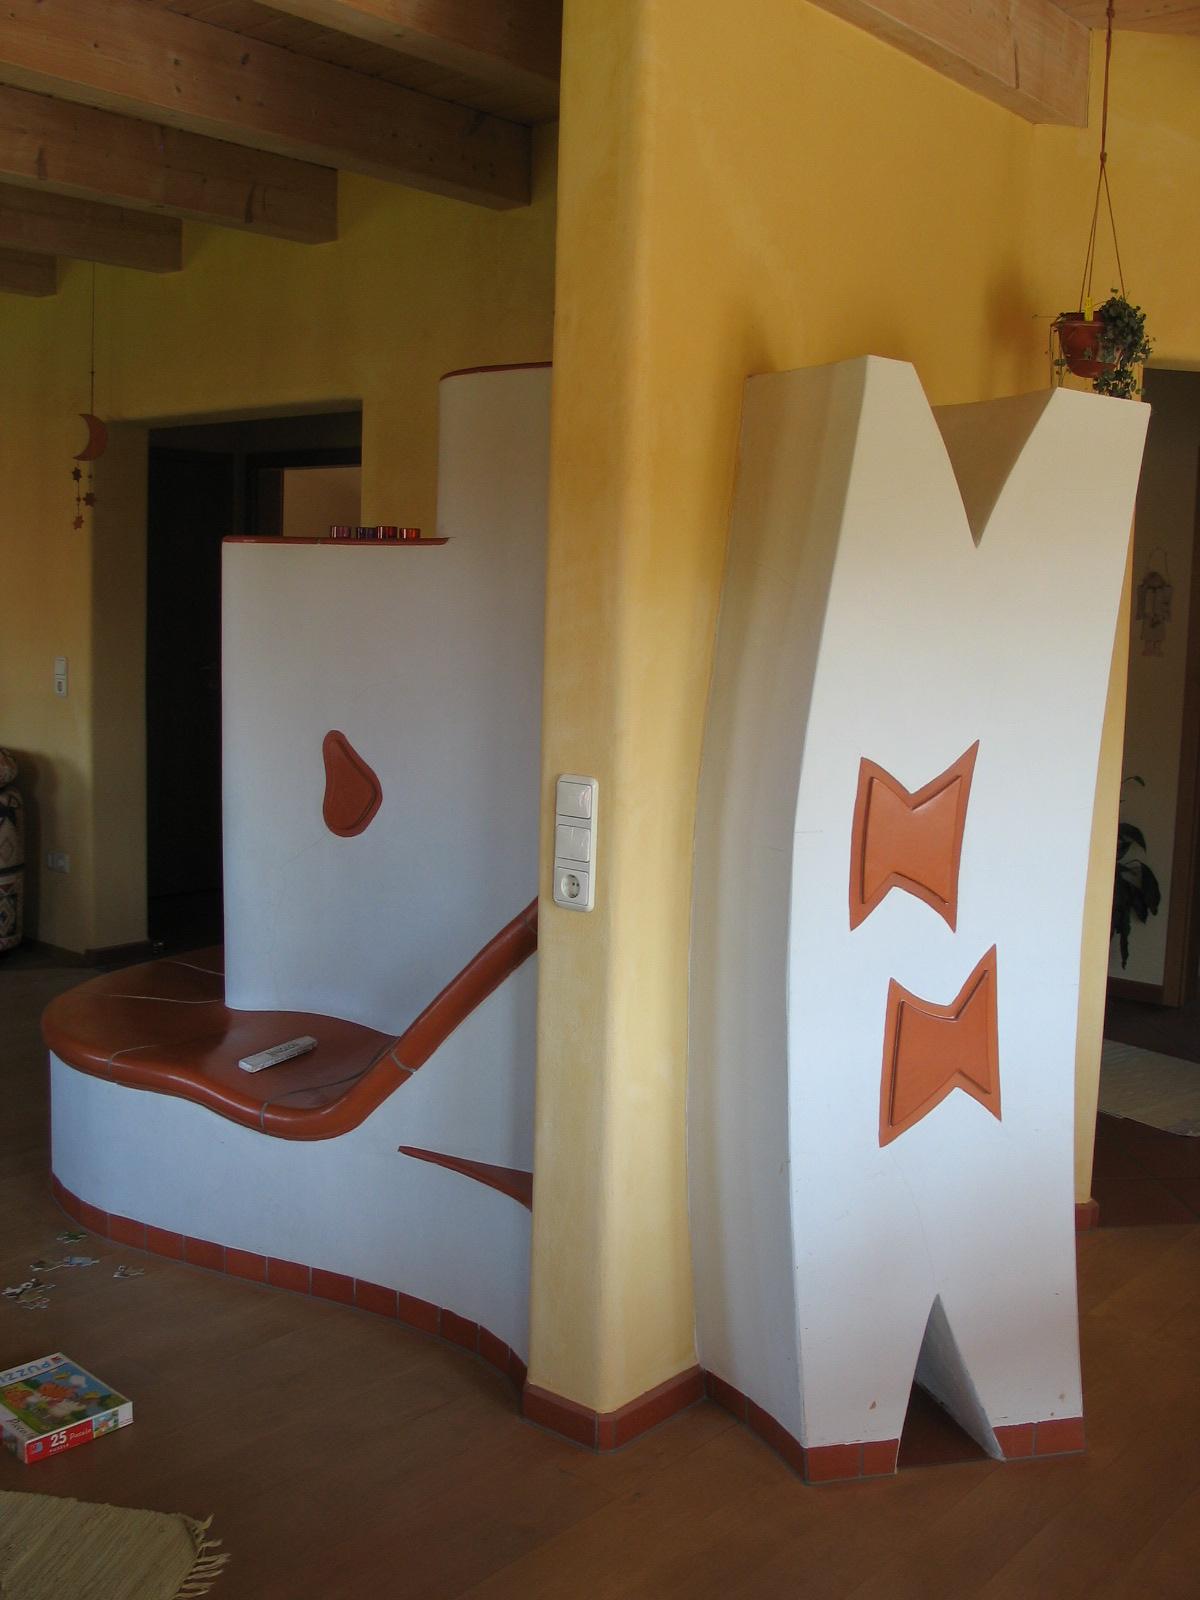 Künstlerischer runder Speicherofen (HBO-10-Tür) über 3 Räume mit beheizter Körperform-Kachelbank, 1995